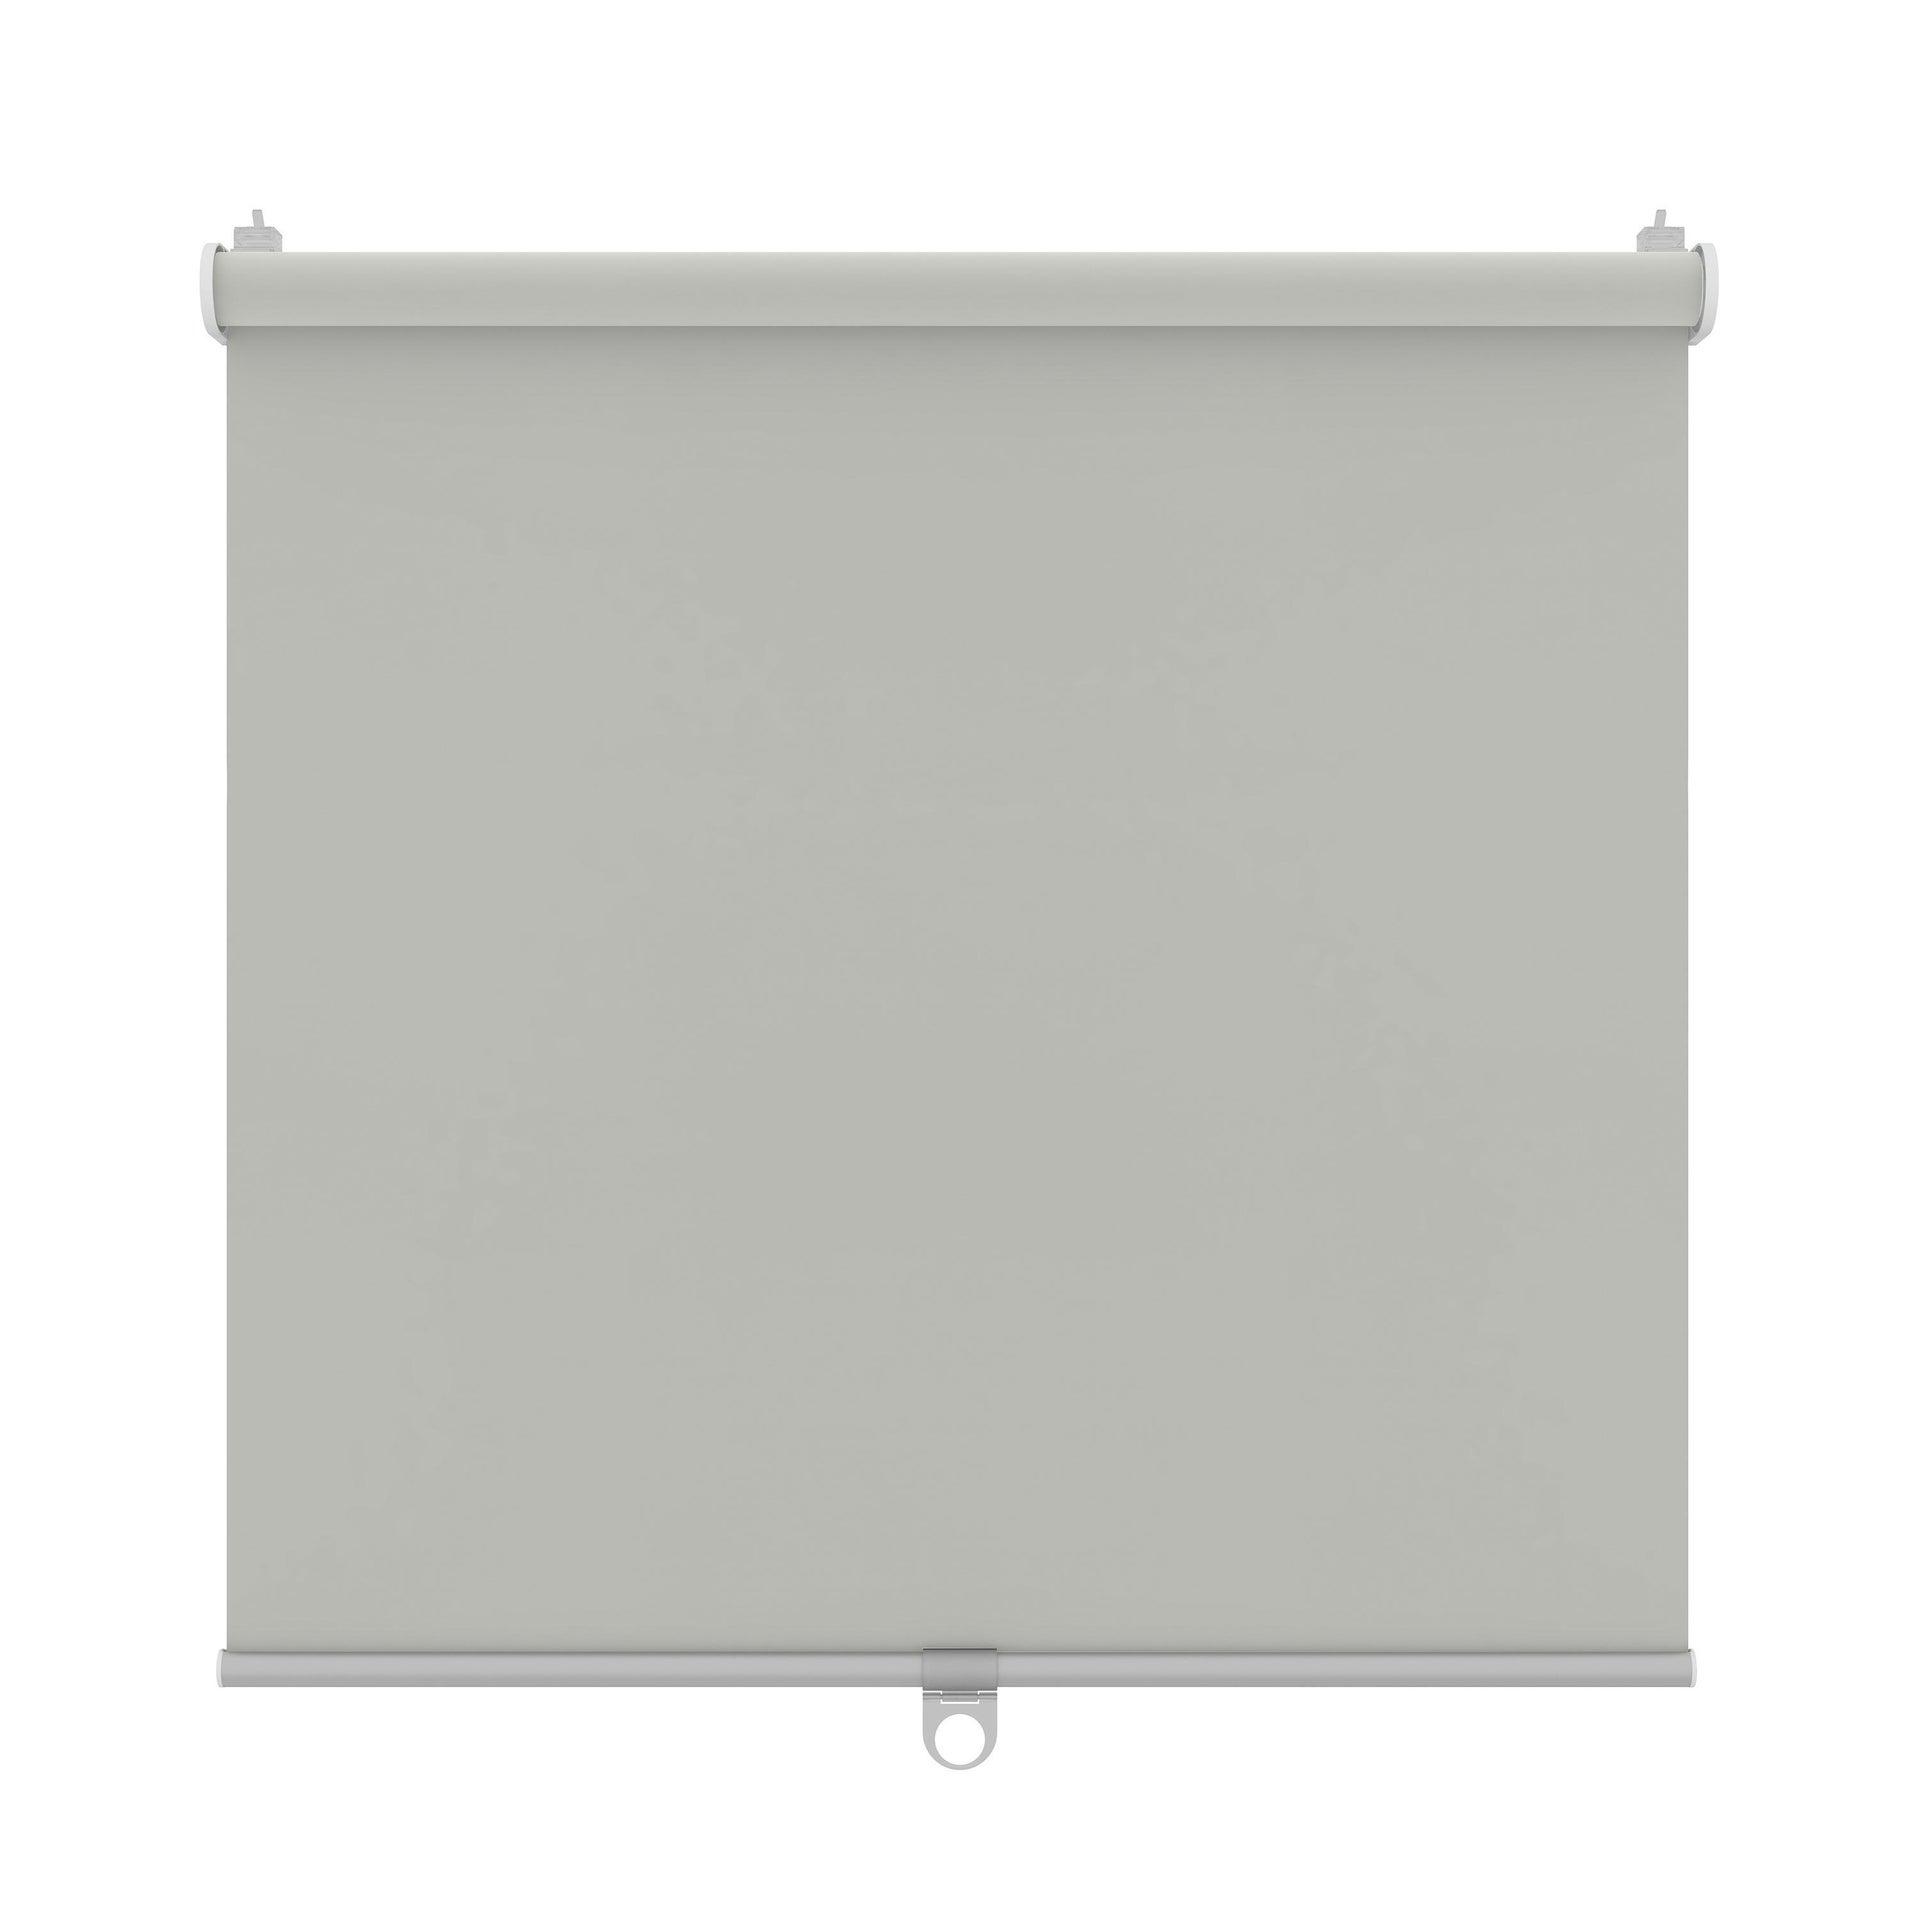 Tenda a rullo oscurante INSPIRE Delhi cordless bianco 160 x 195 cm - 1